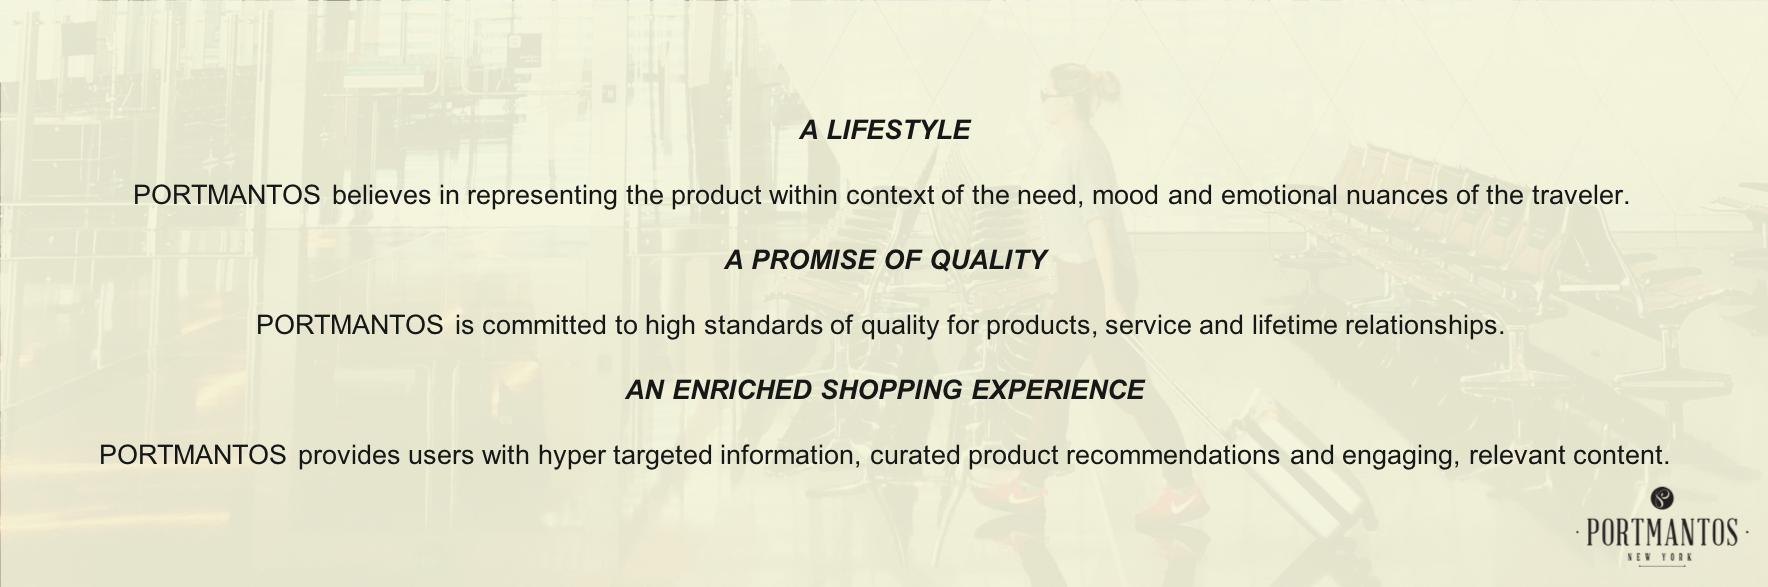 portmantos brand statements